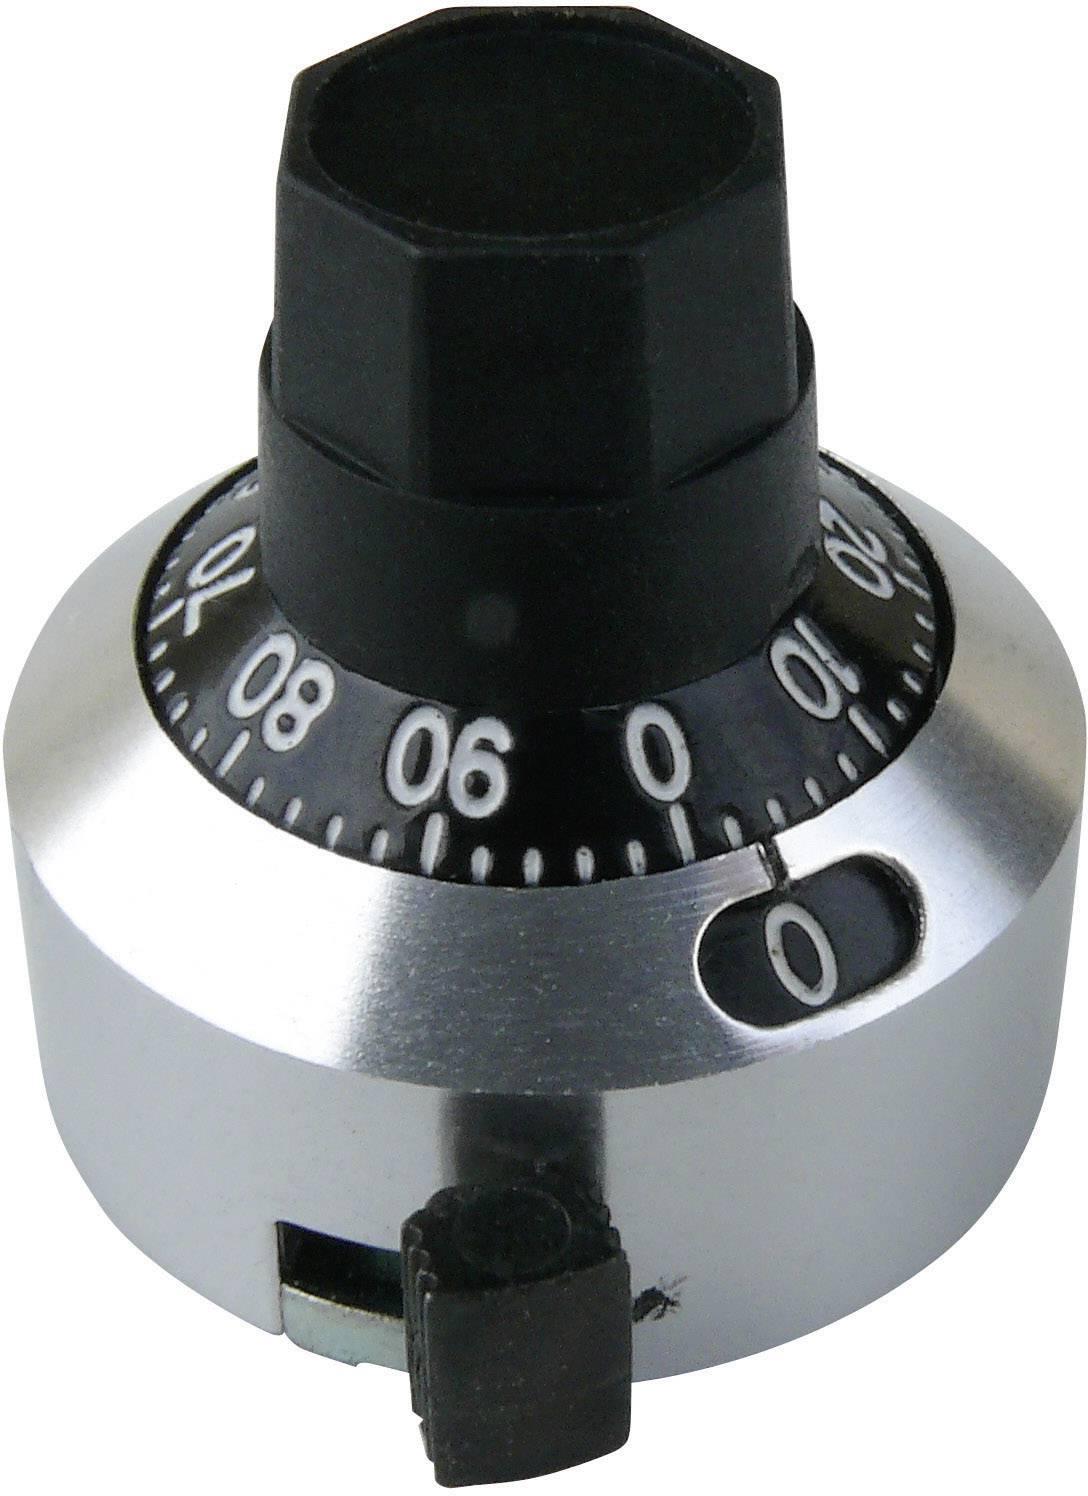 Otočný knoflík s počítadlem Bourns H-22-6A, 6,35 mm, 10 otáček